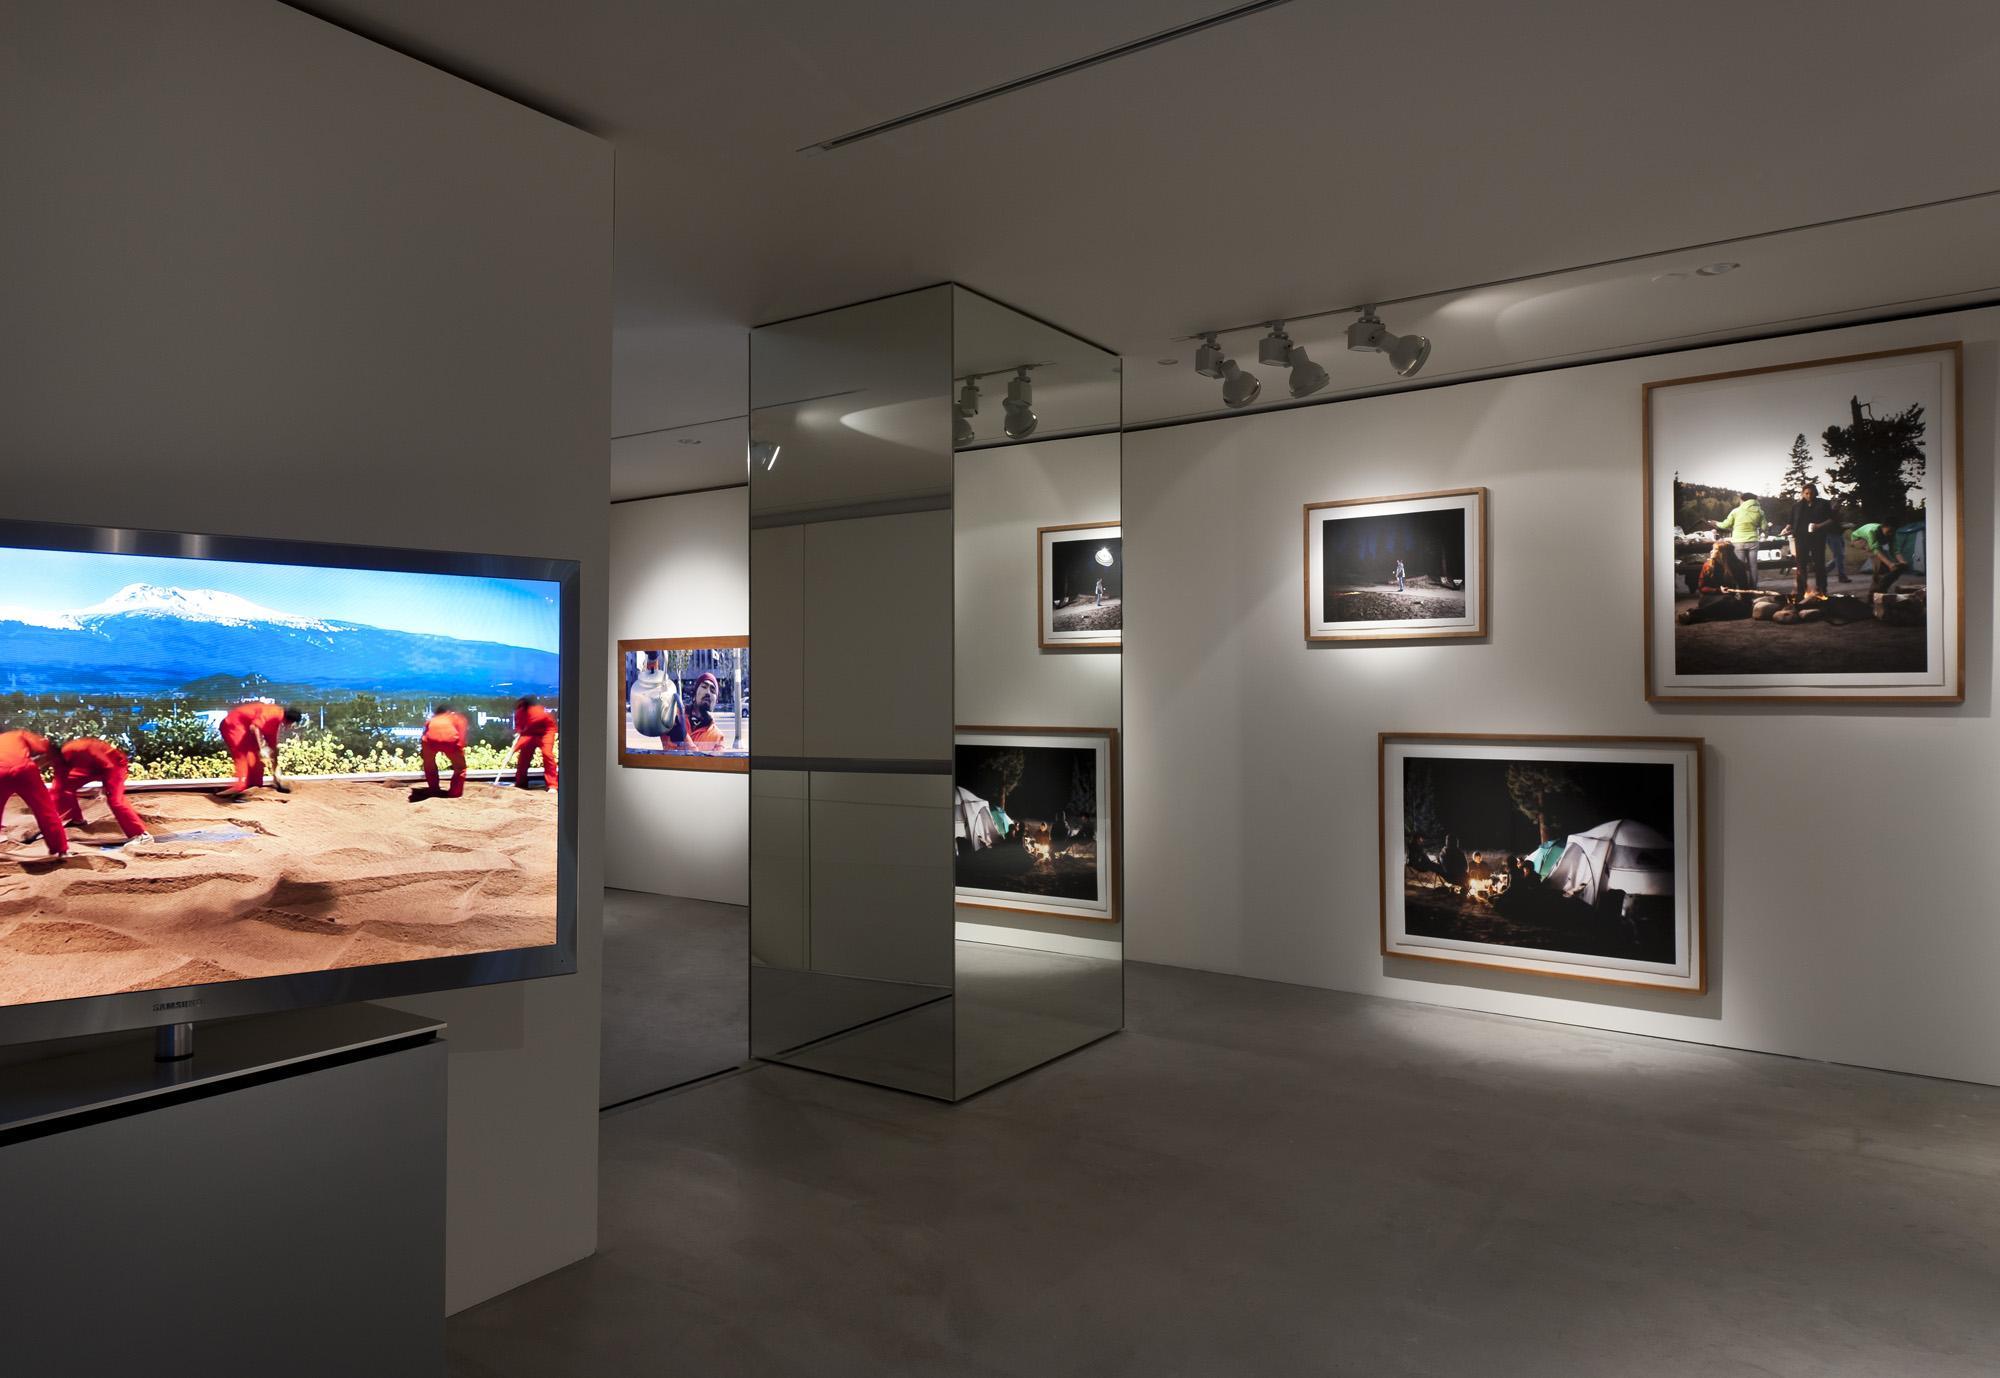 Exhibition D View : Exhibitions vides une rétrospective yves klein